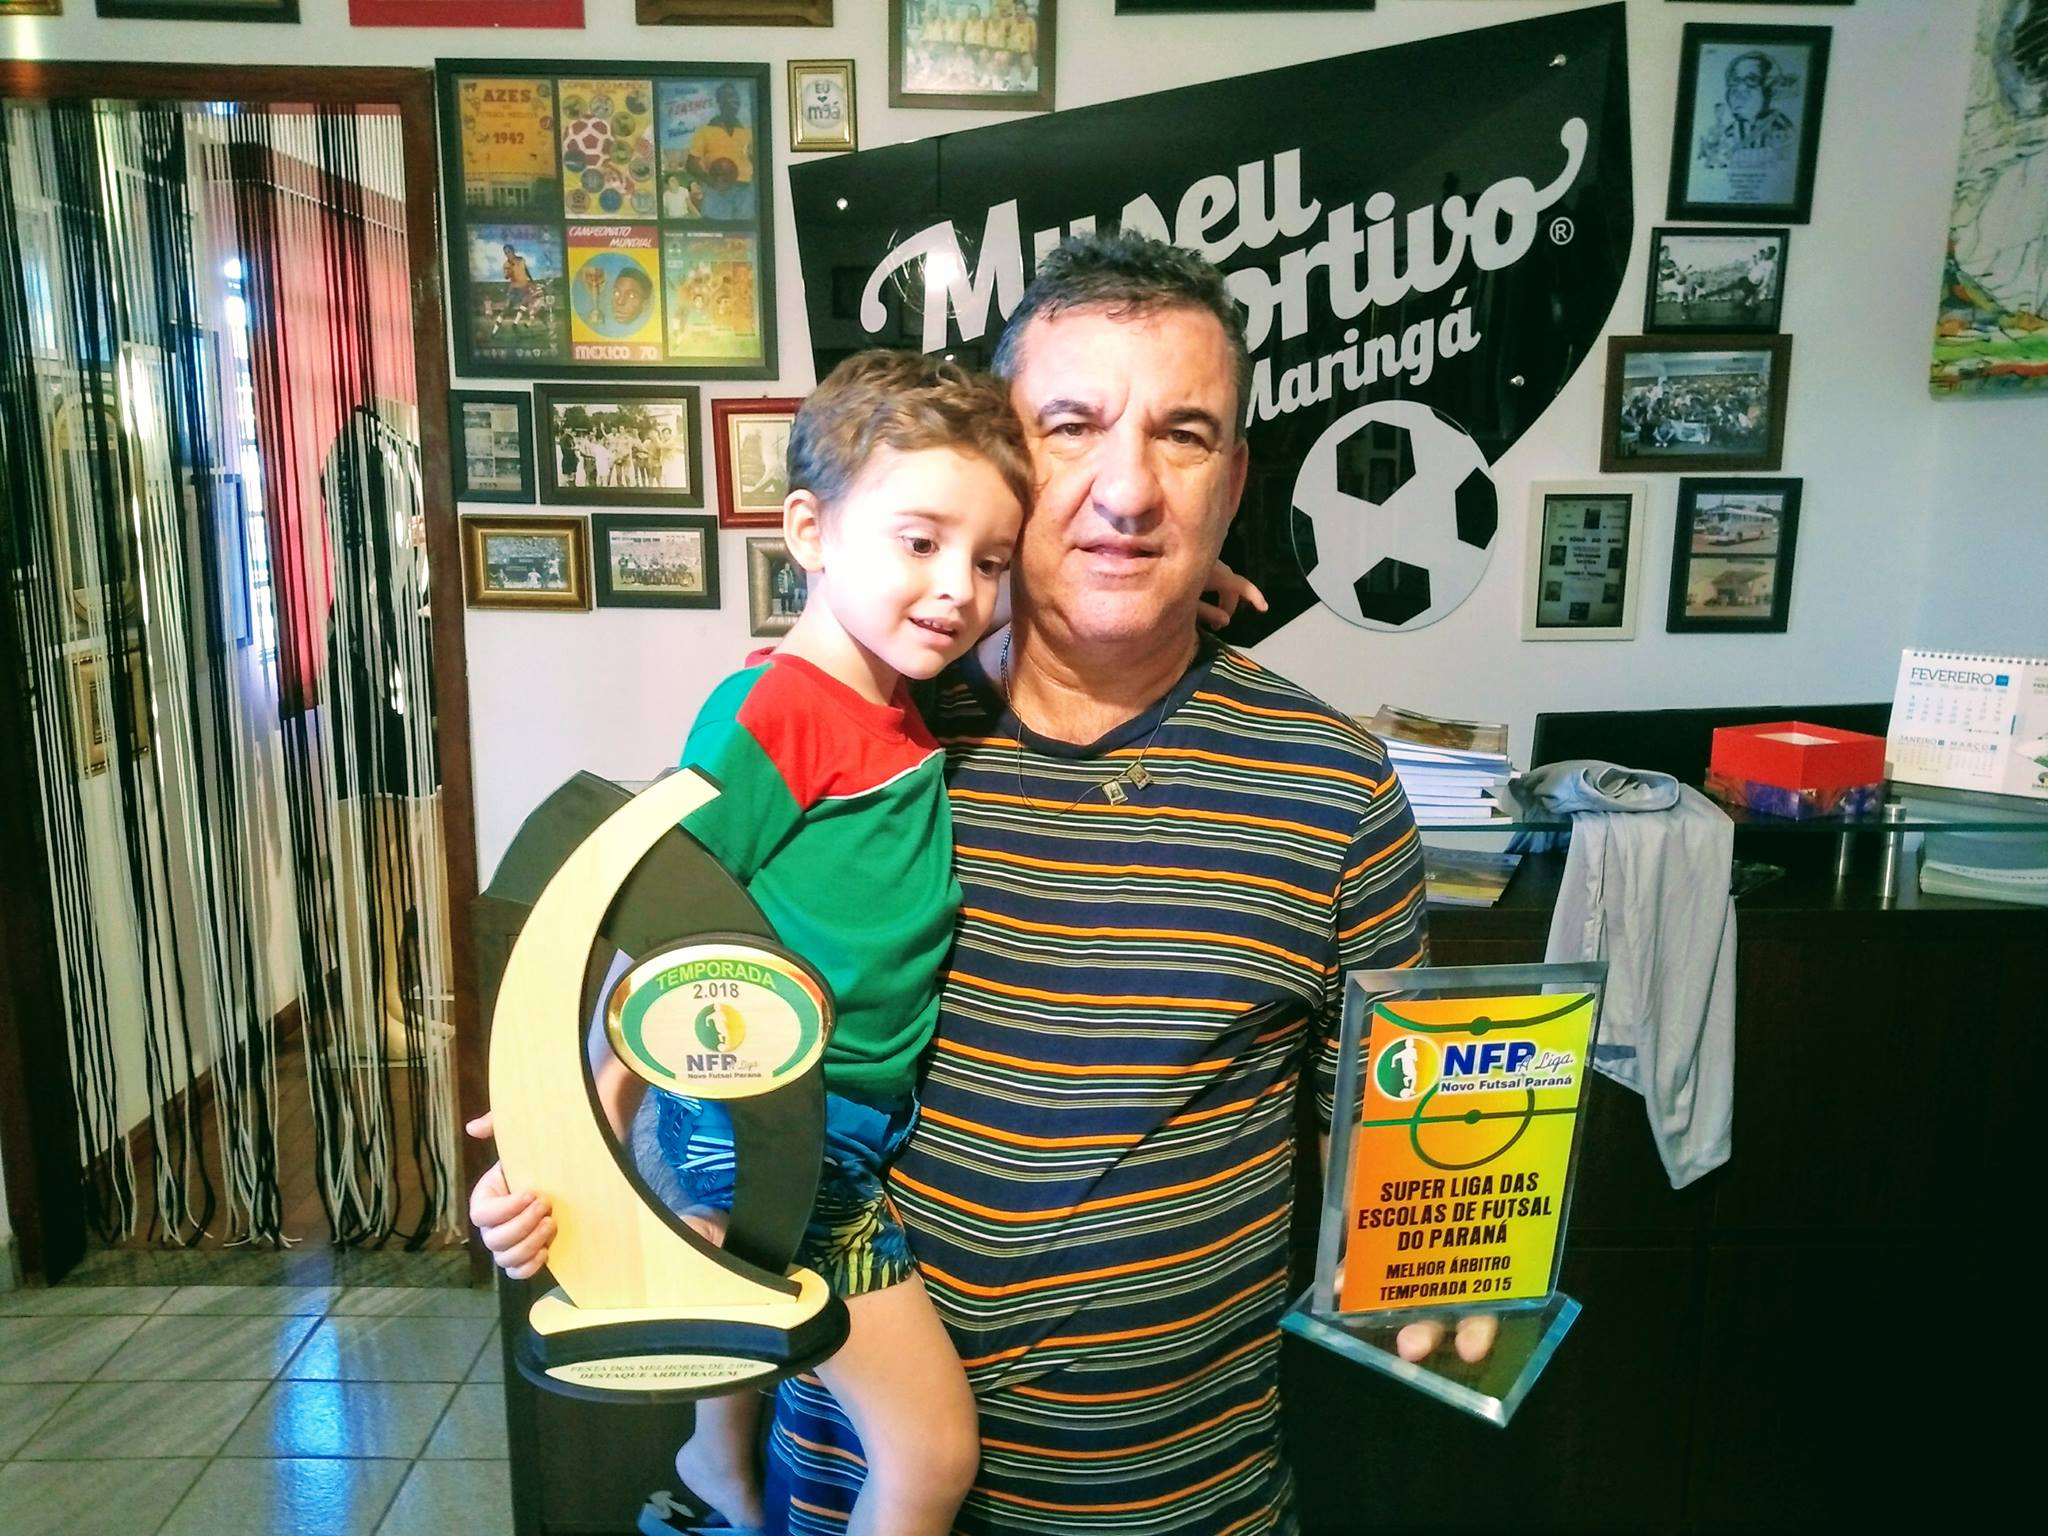 Ika, árbitro destaque do futsal do Paraná, faz doação de troféus e camisa ao MEM